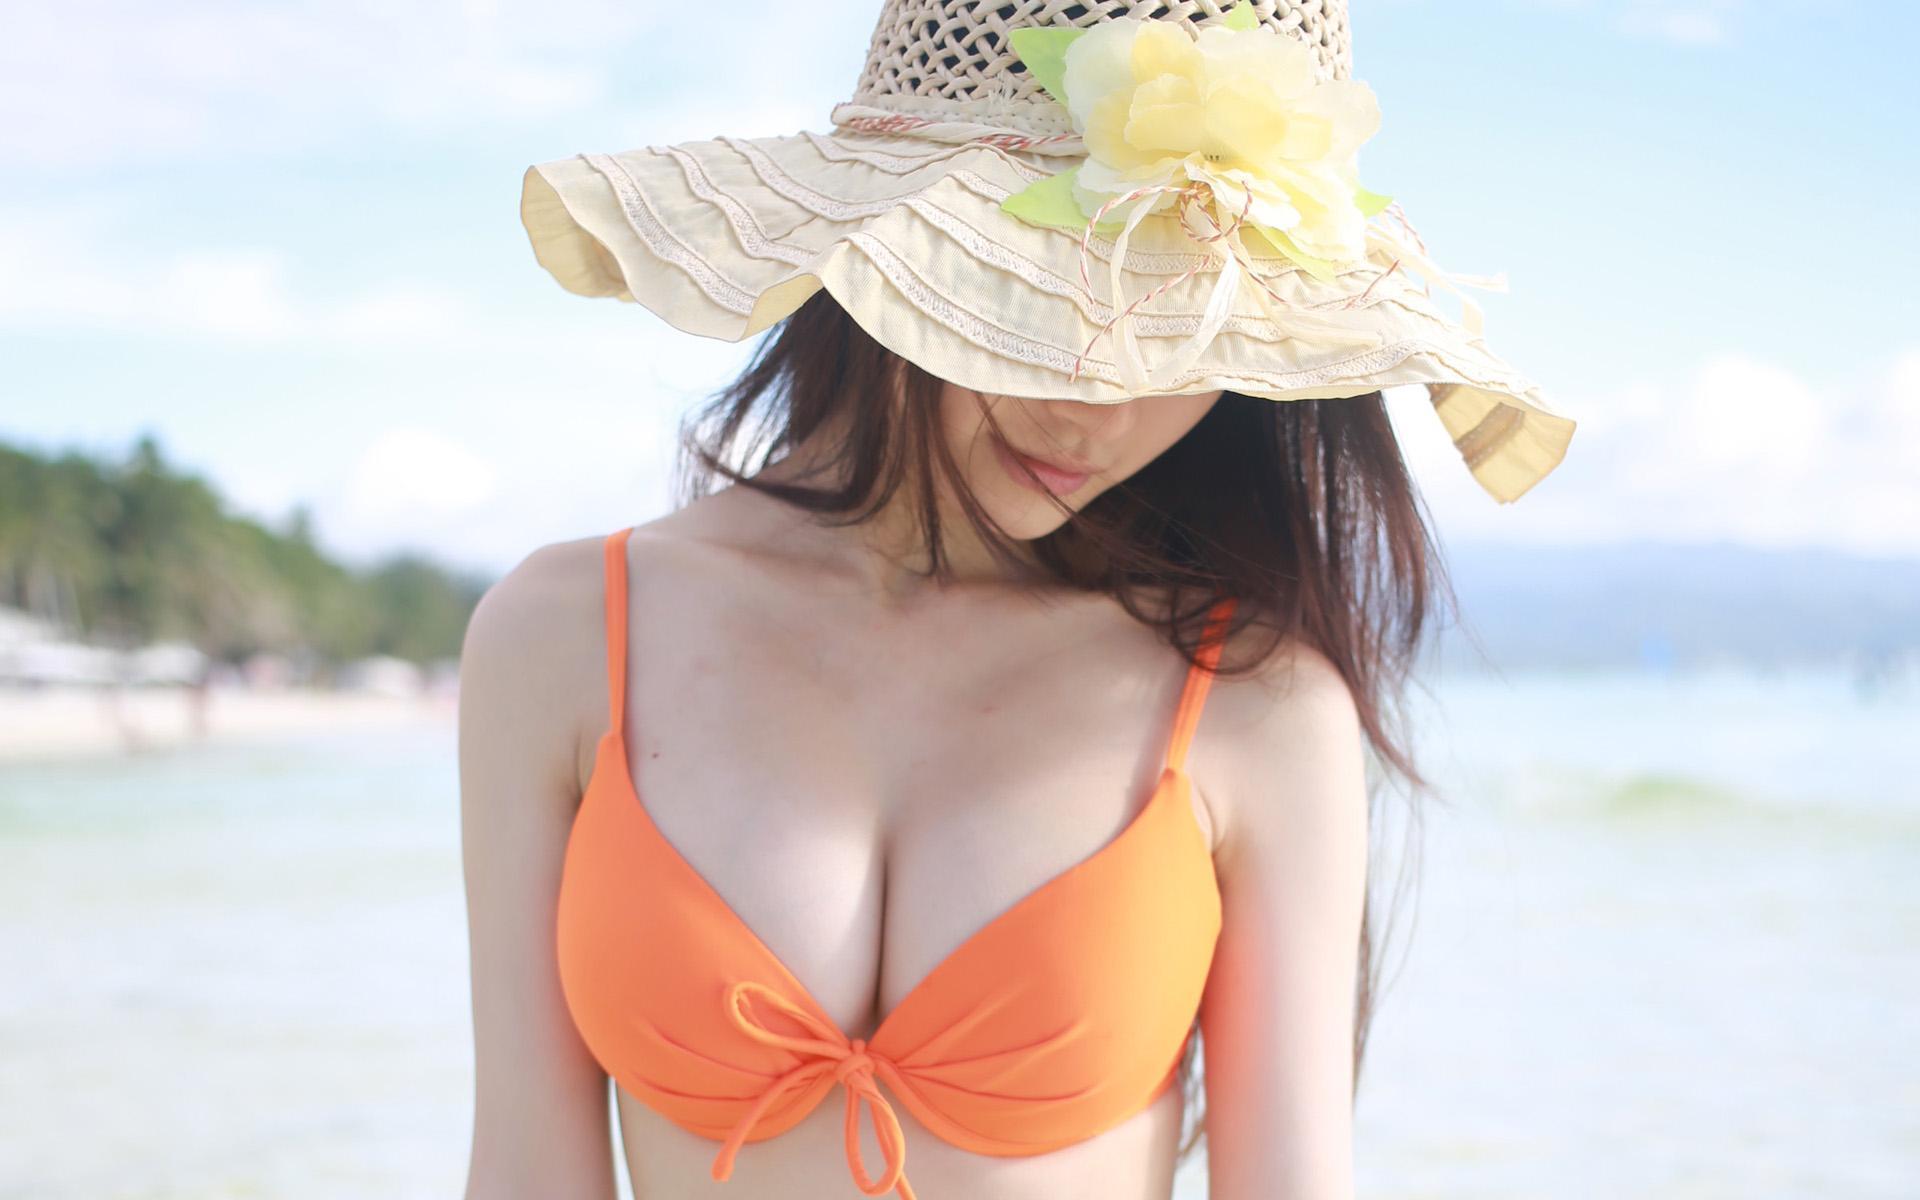 胸部调整术得多少钱